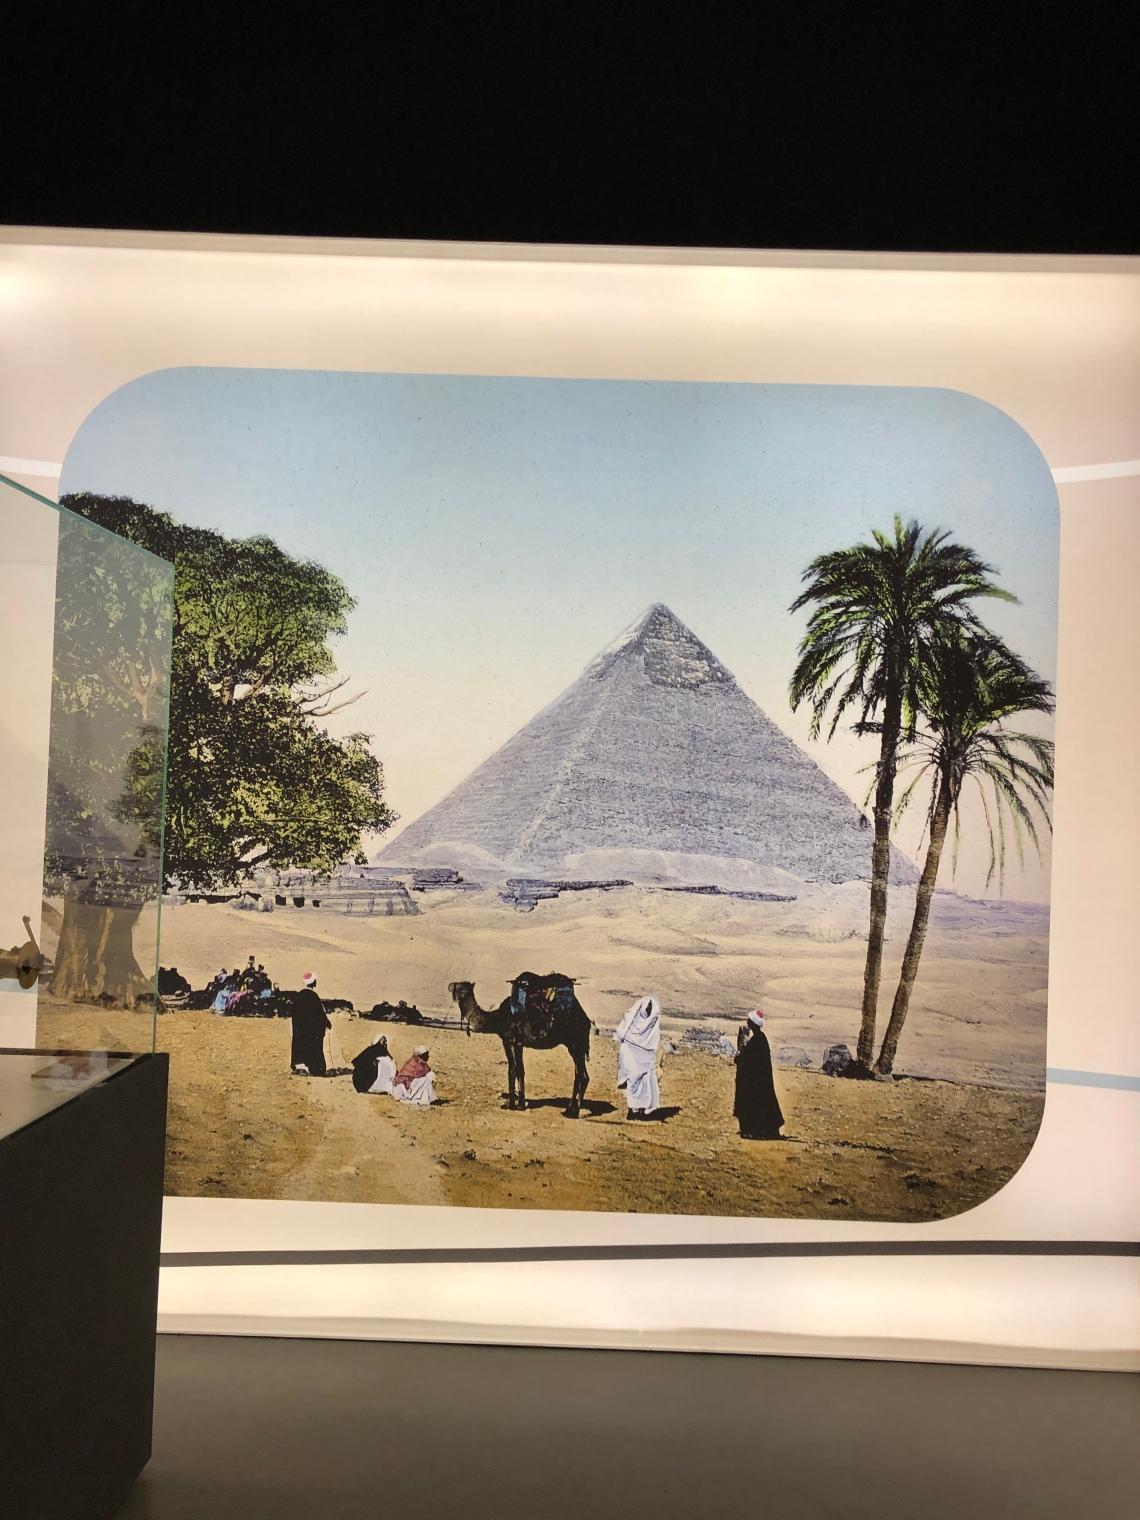 Vista delle piramidi